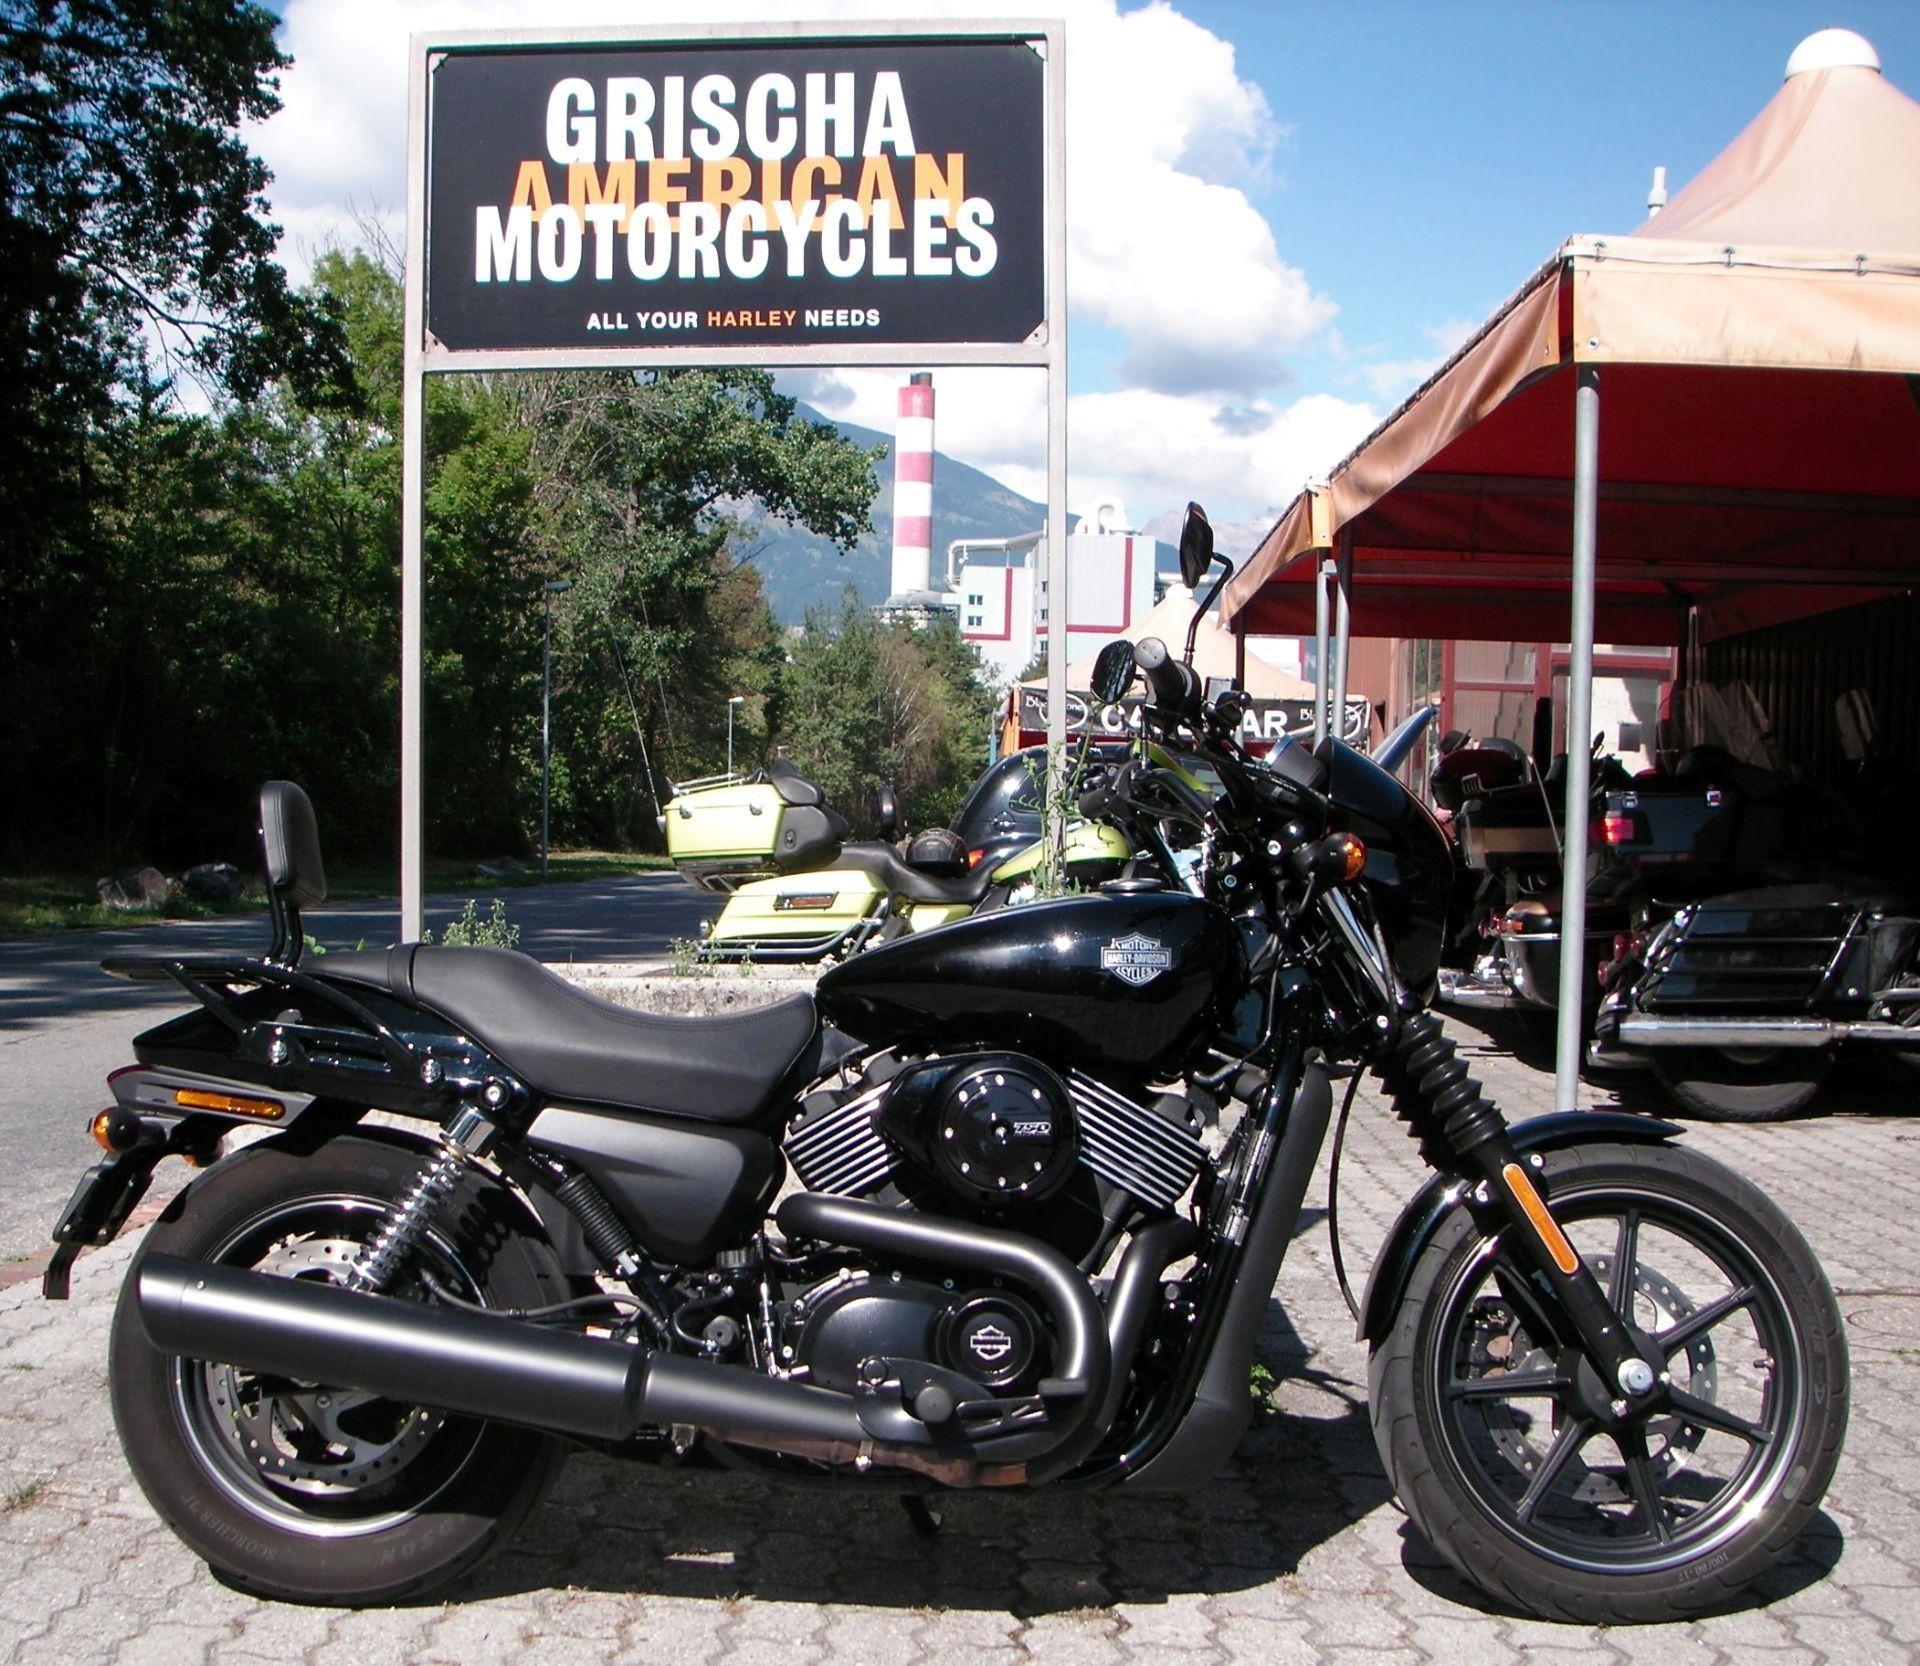 Grischa Motorcycles GmbH